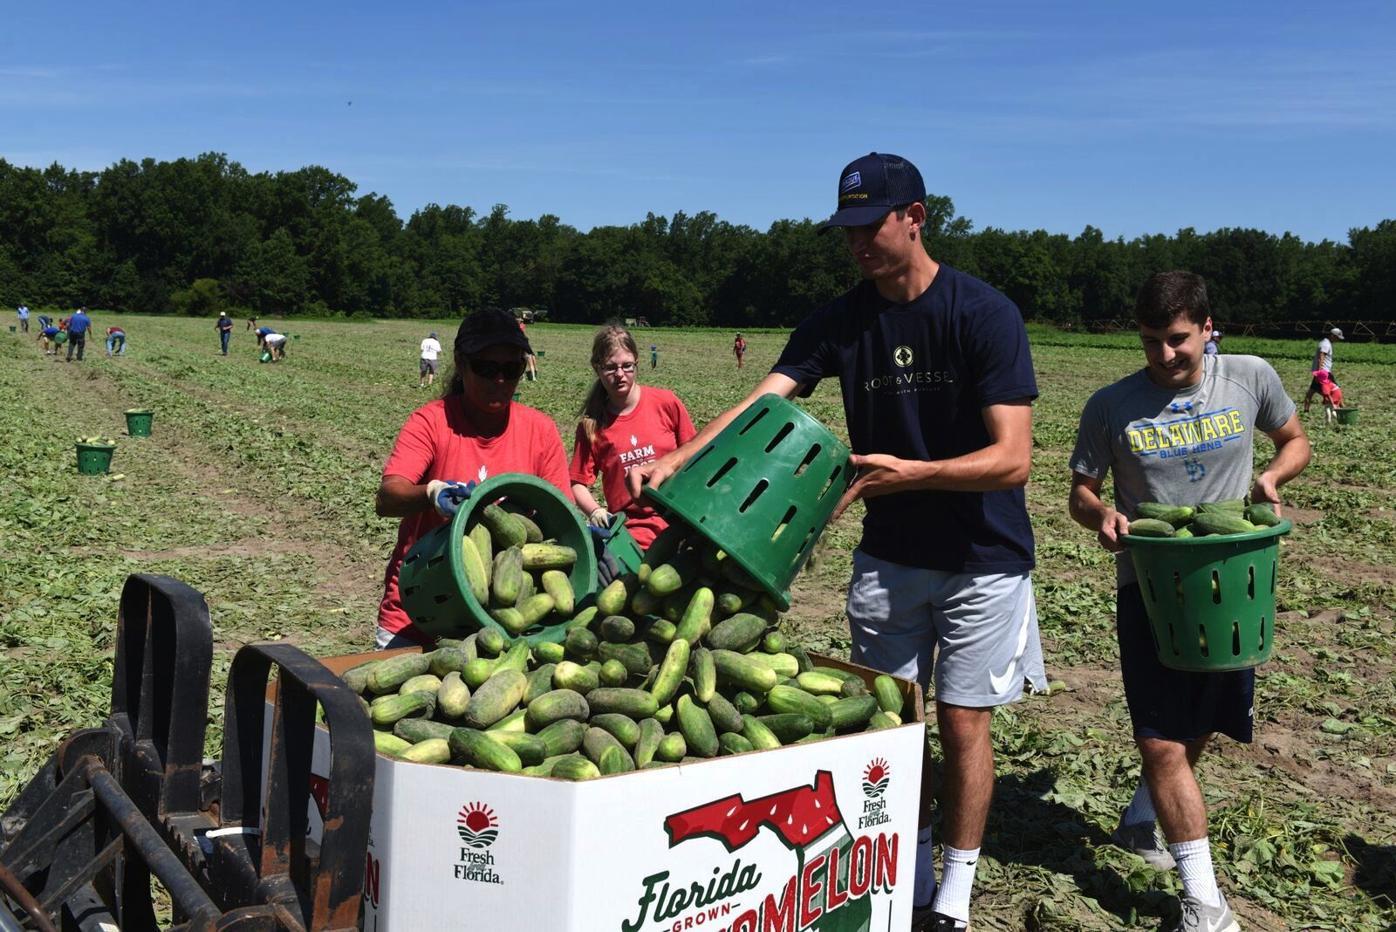 Maryland Food Bank celebrates 40 years